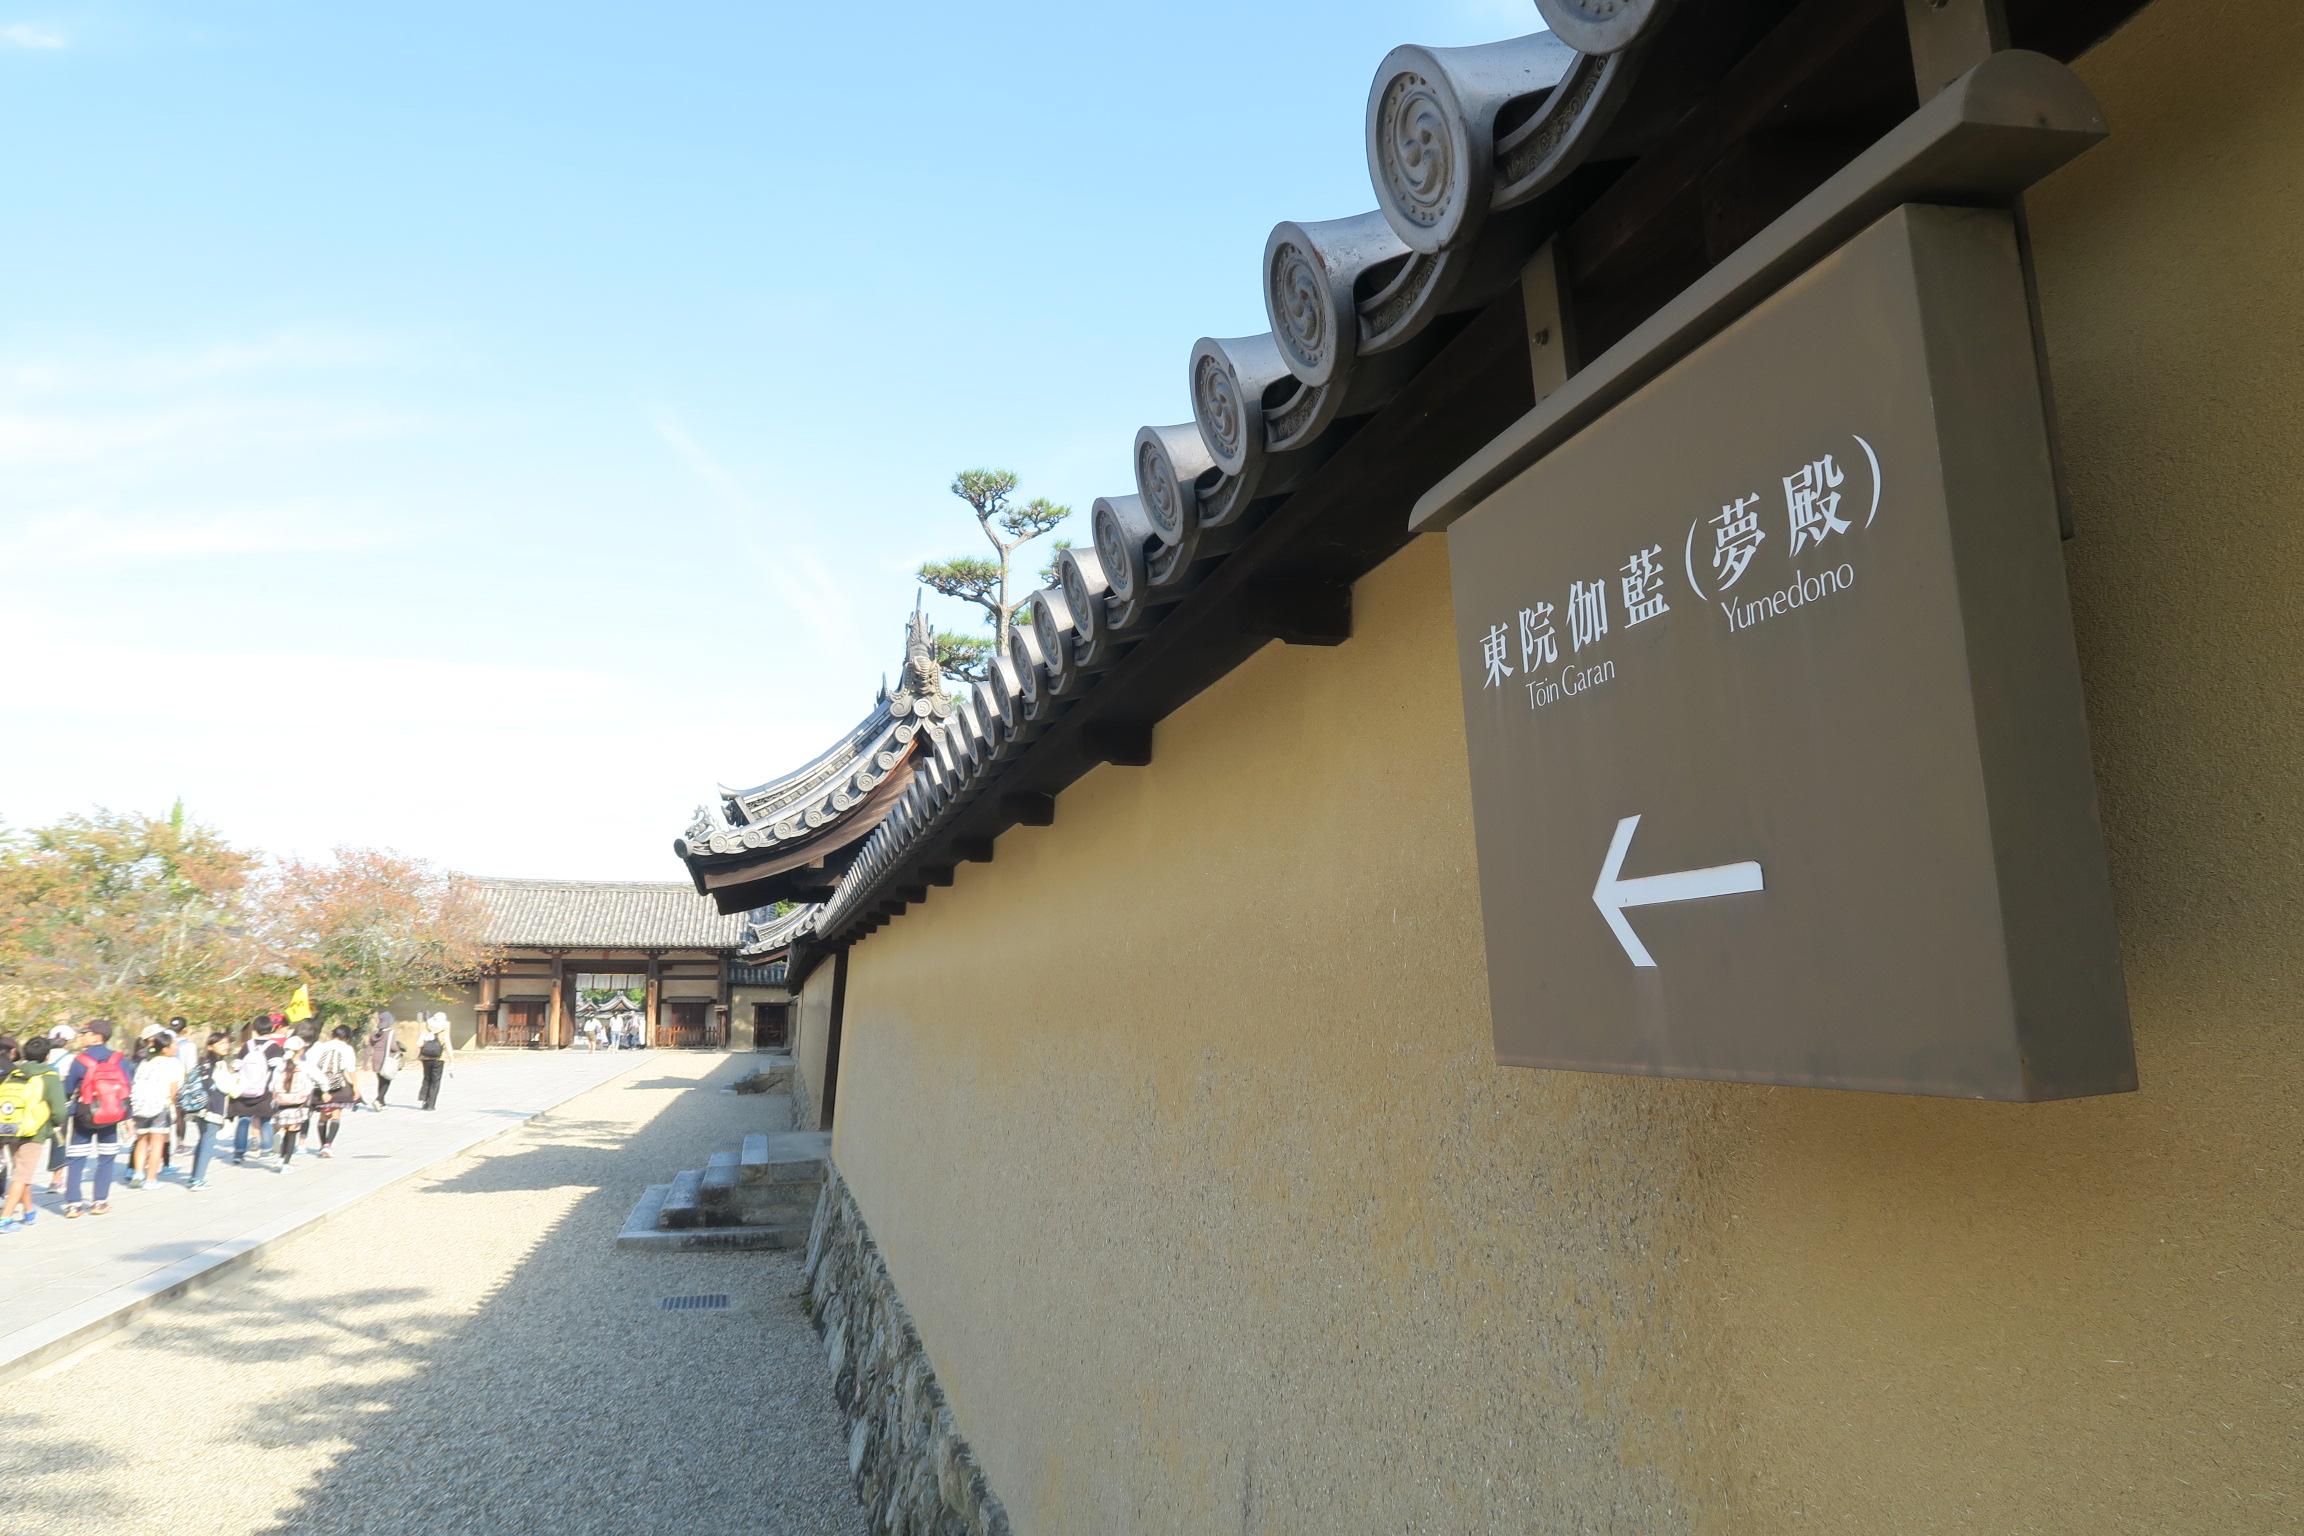 途中お昼休憩をして、東院伽藍(夢殿)に向かいます。